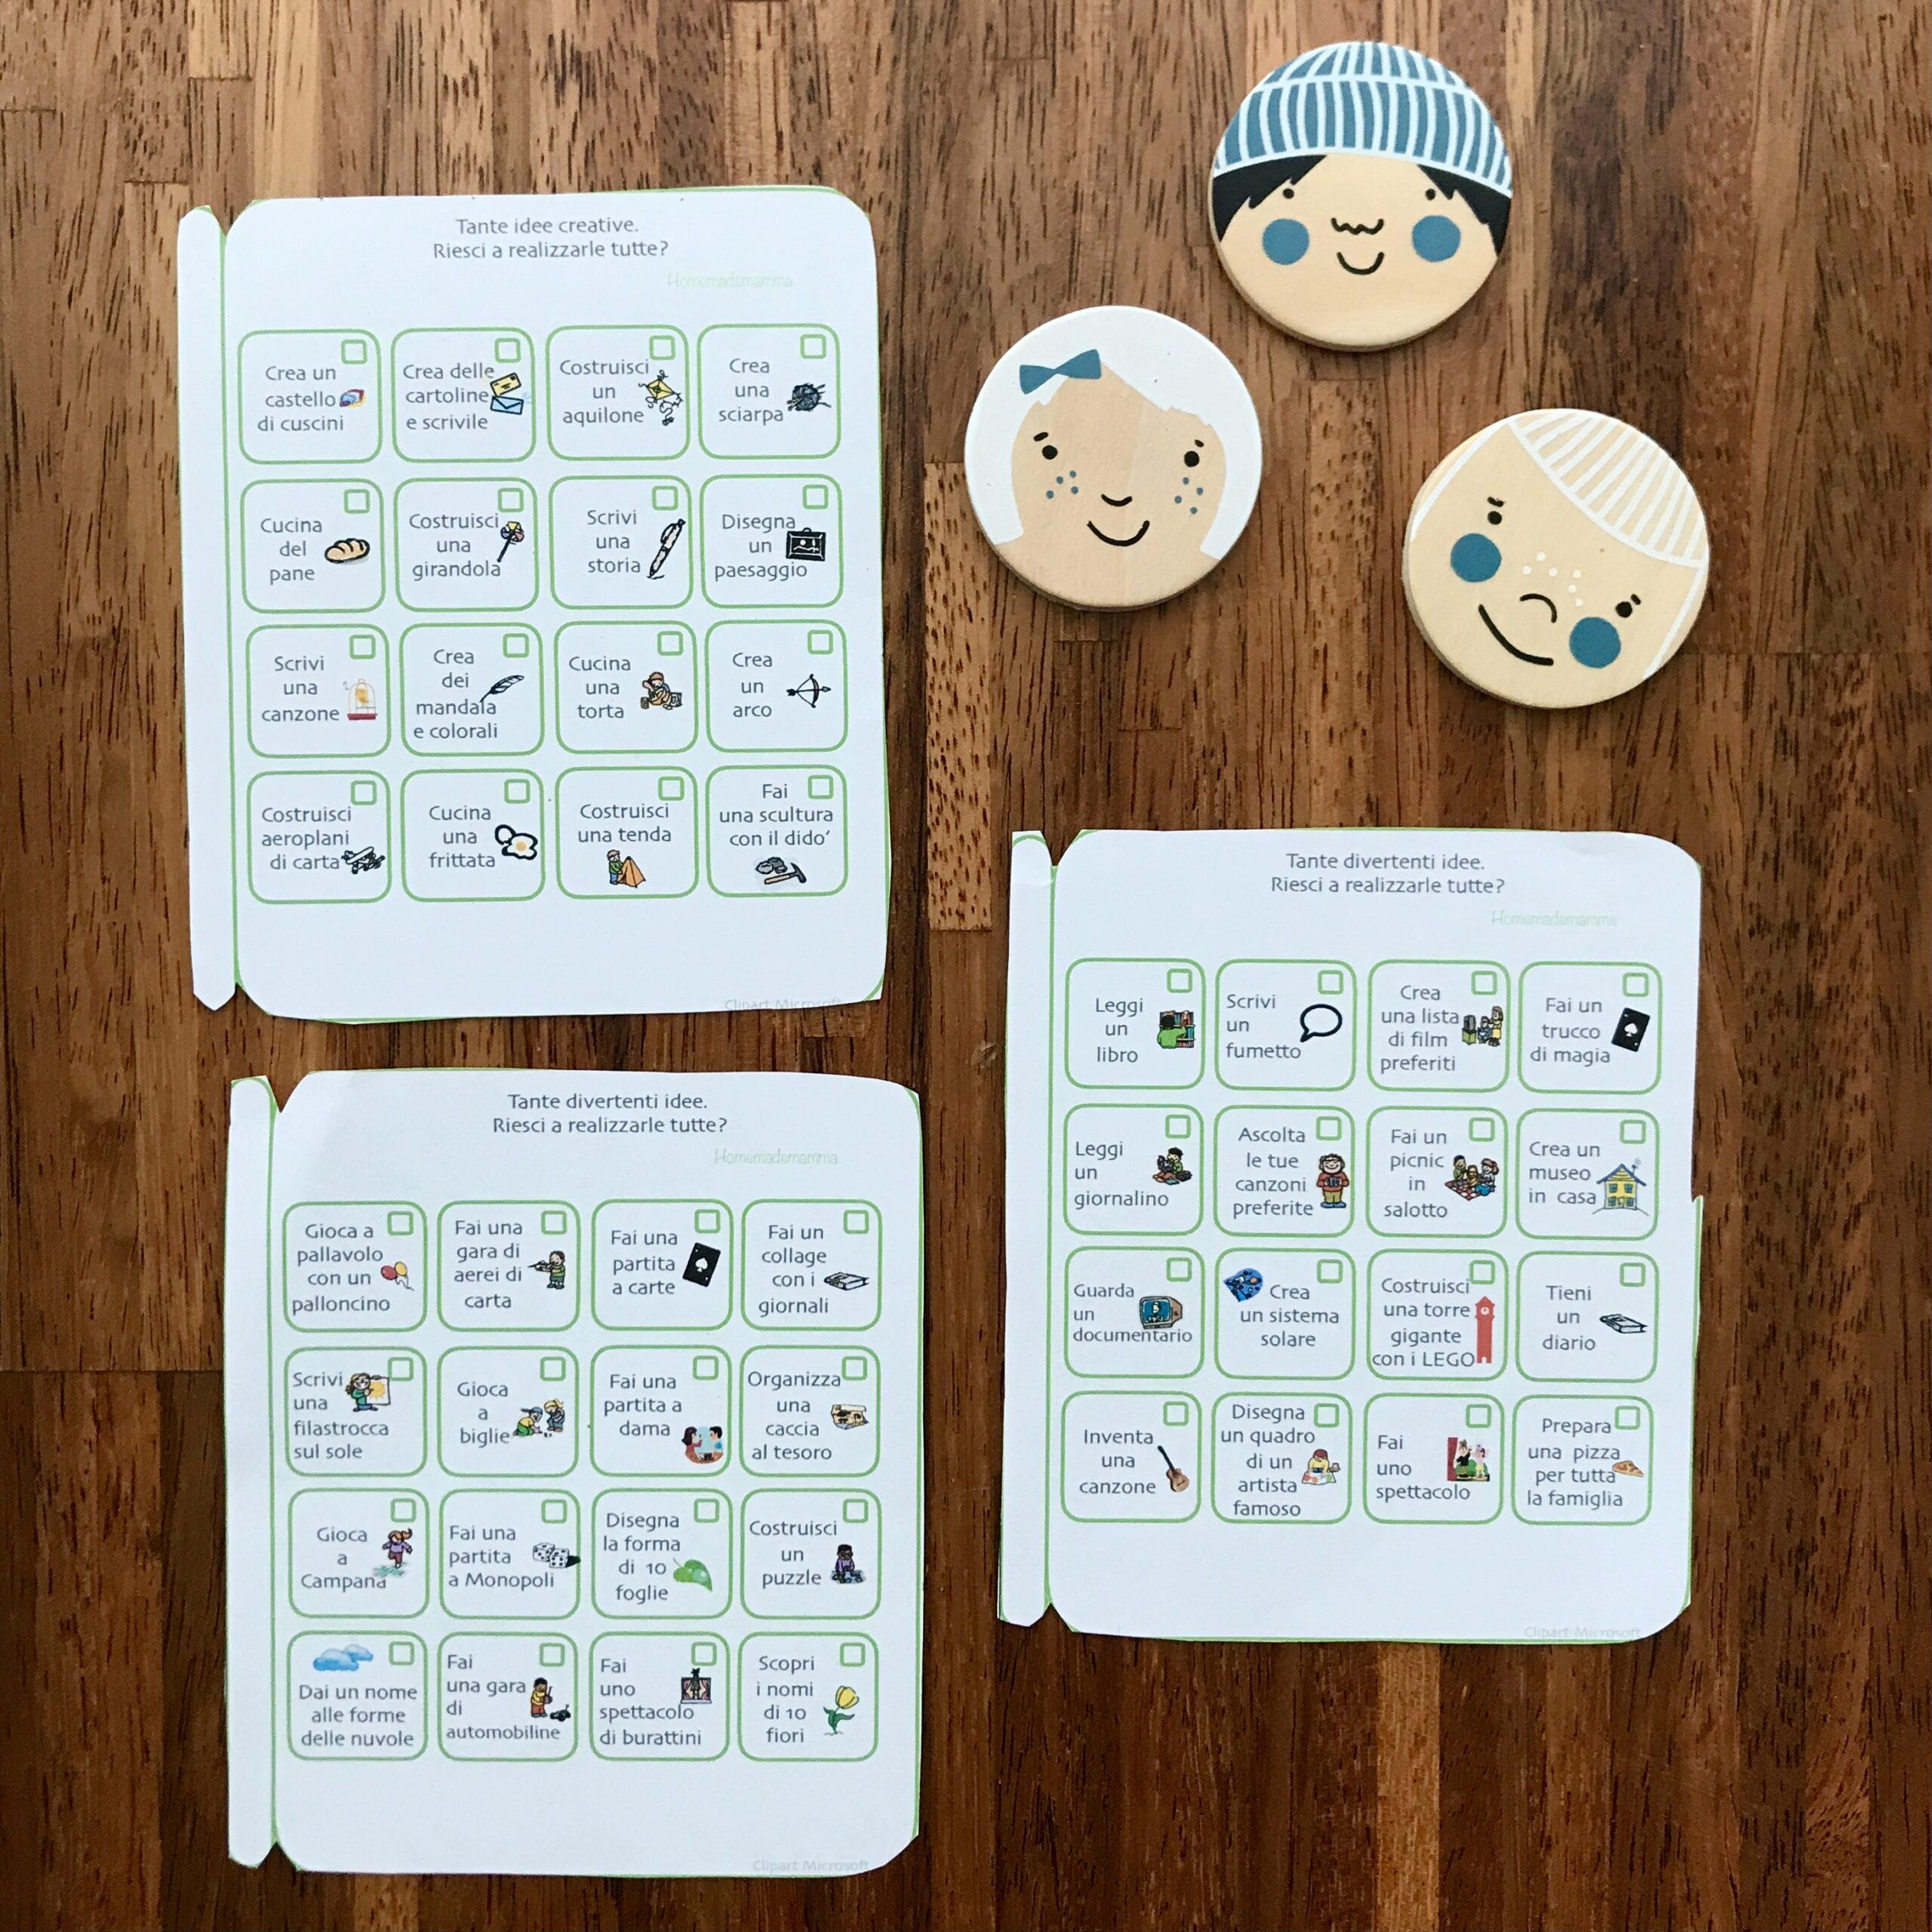 100 idee ed attività da fare a casa con bambini lockdown